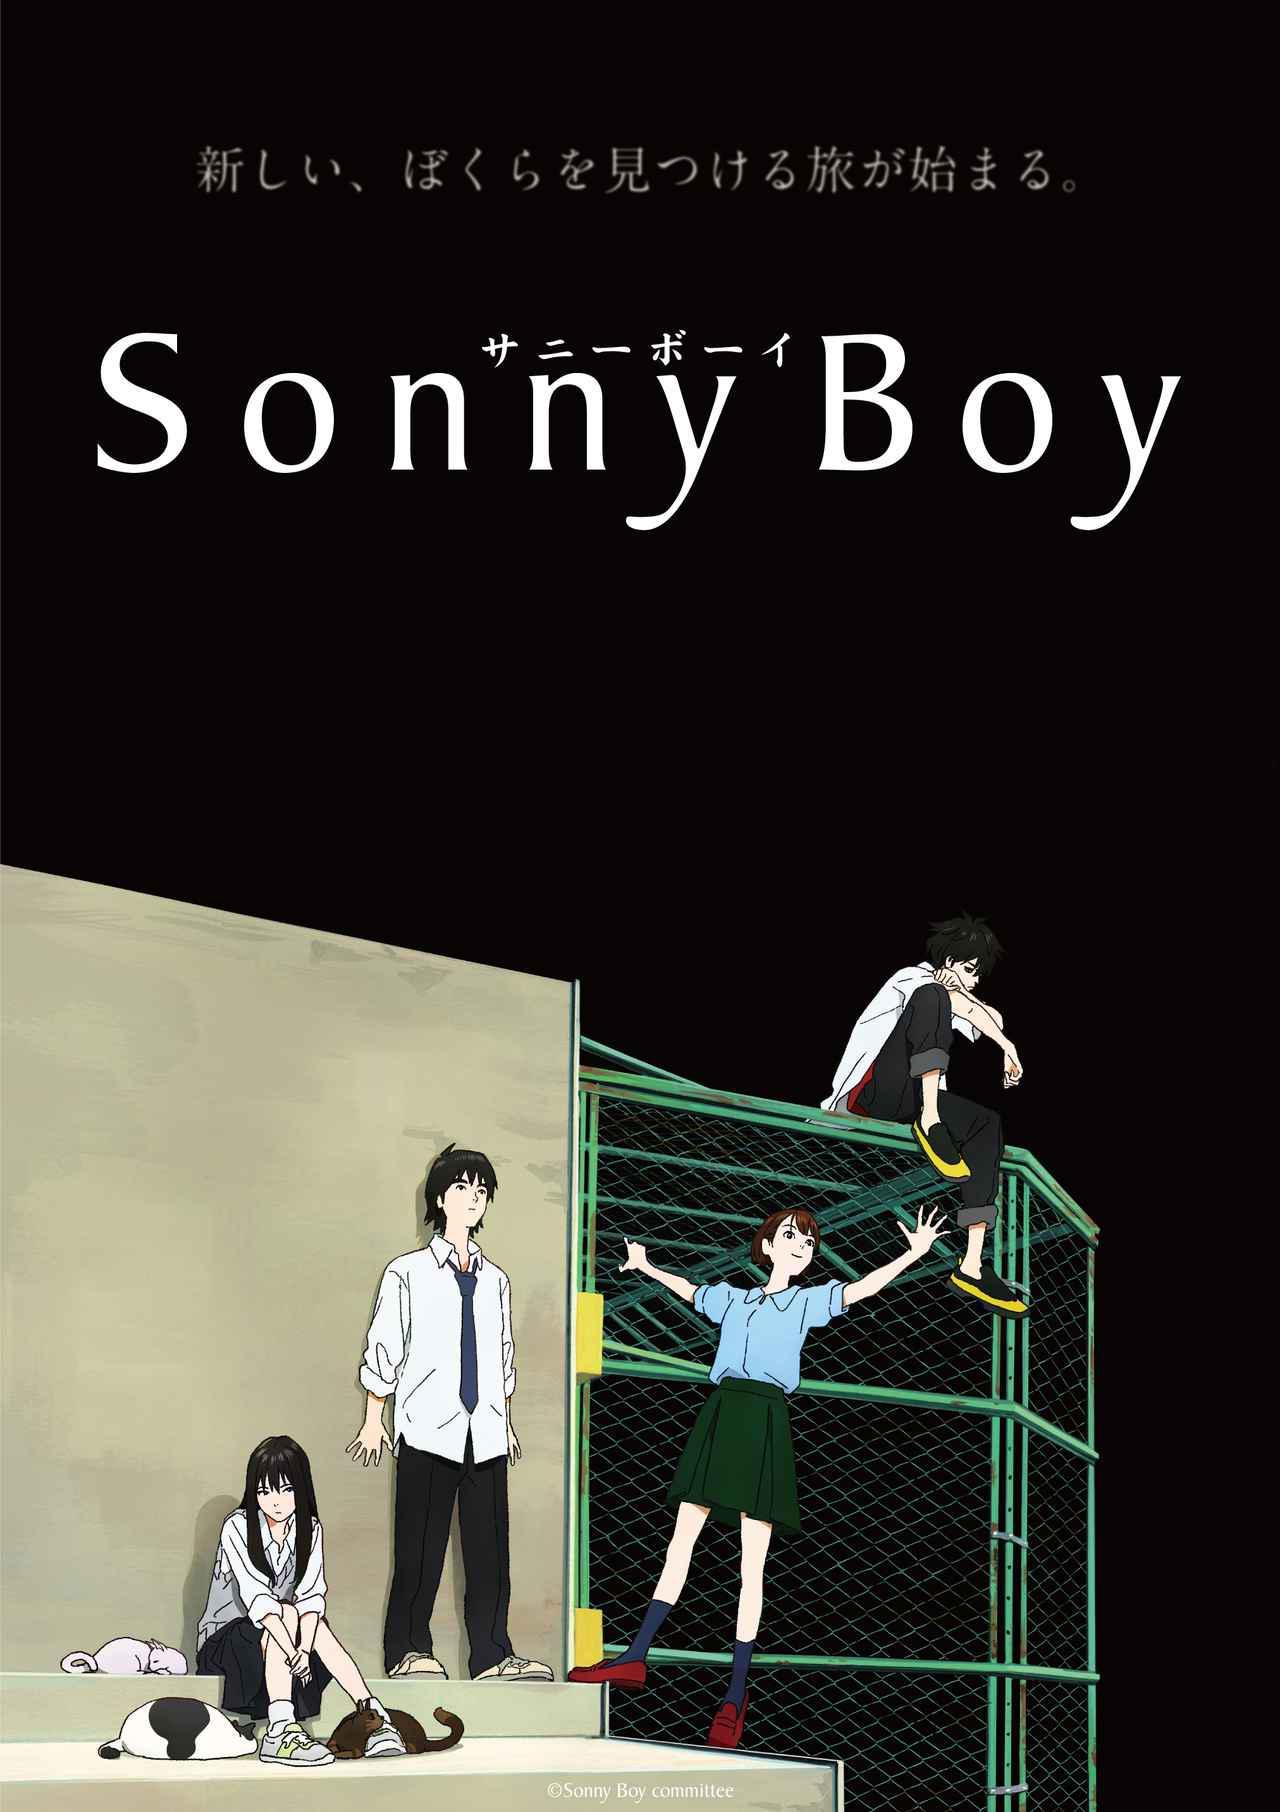 画像1: TVアニメ「Sonny Boy」Blu-ray BOX描き下ろしイラスト解禁